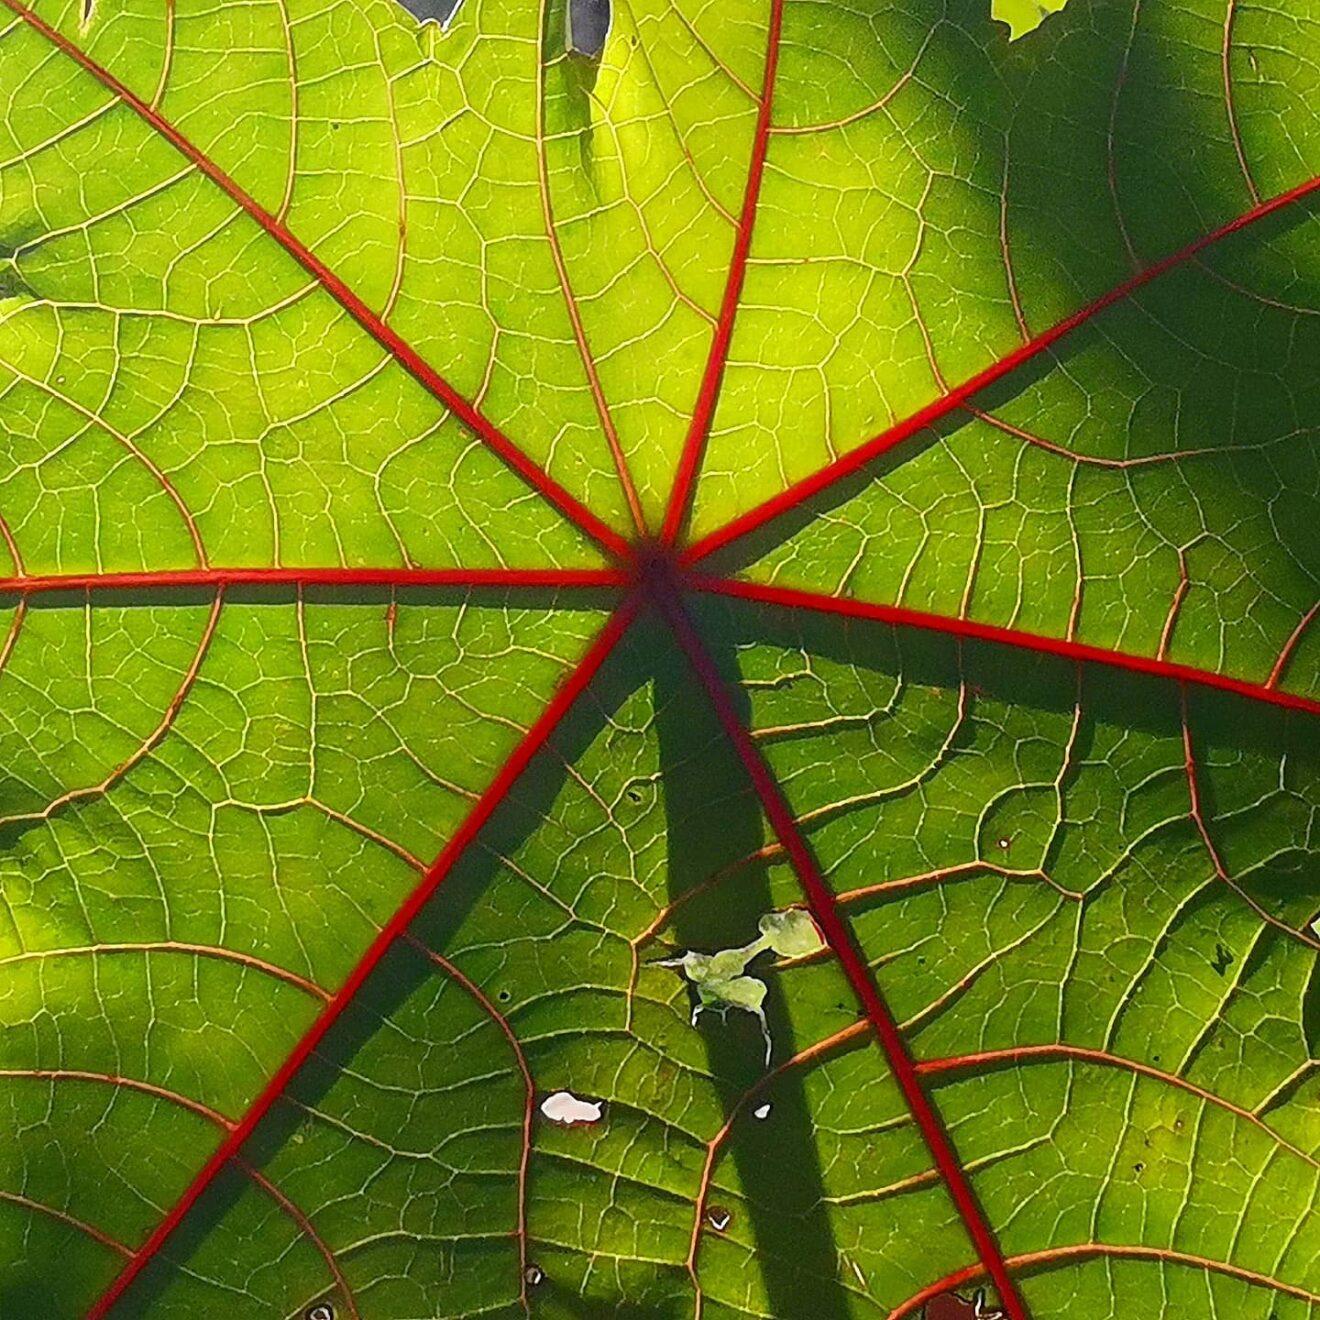 Il mercante della transizione ecologica